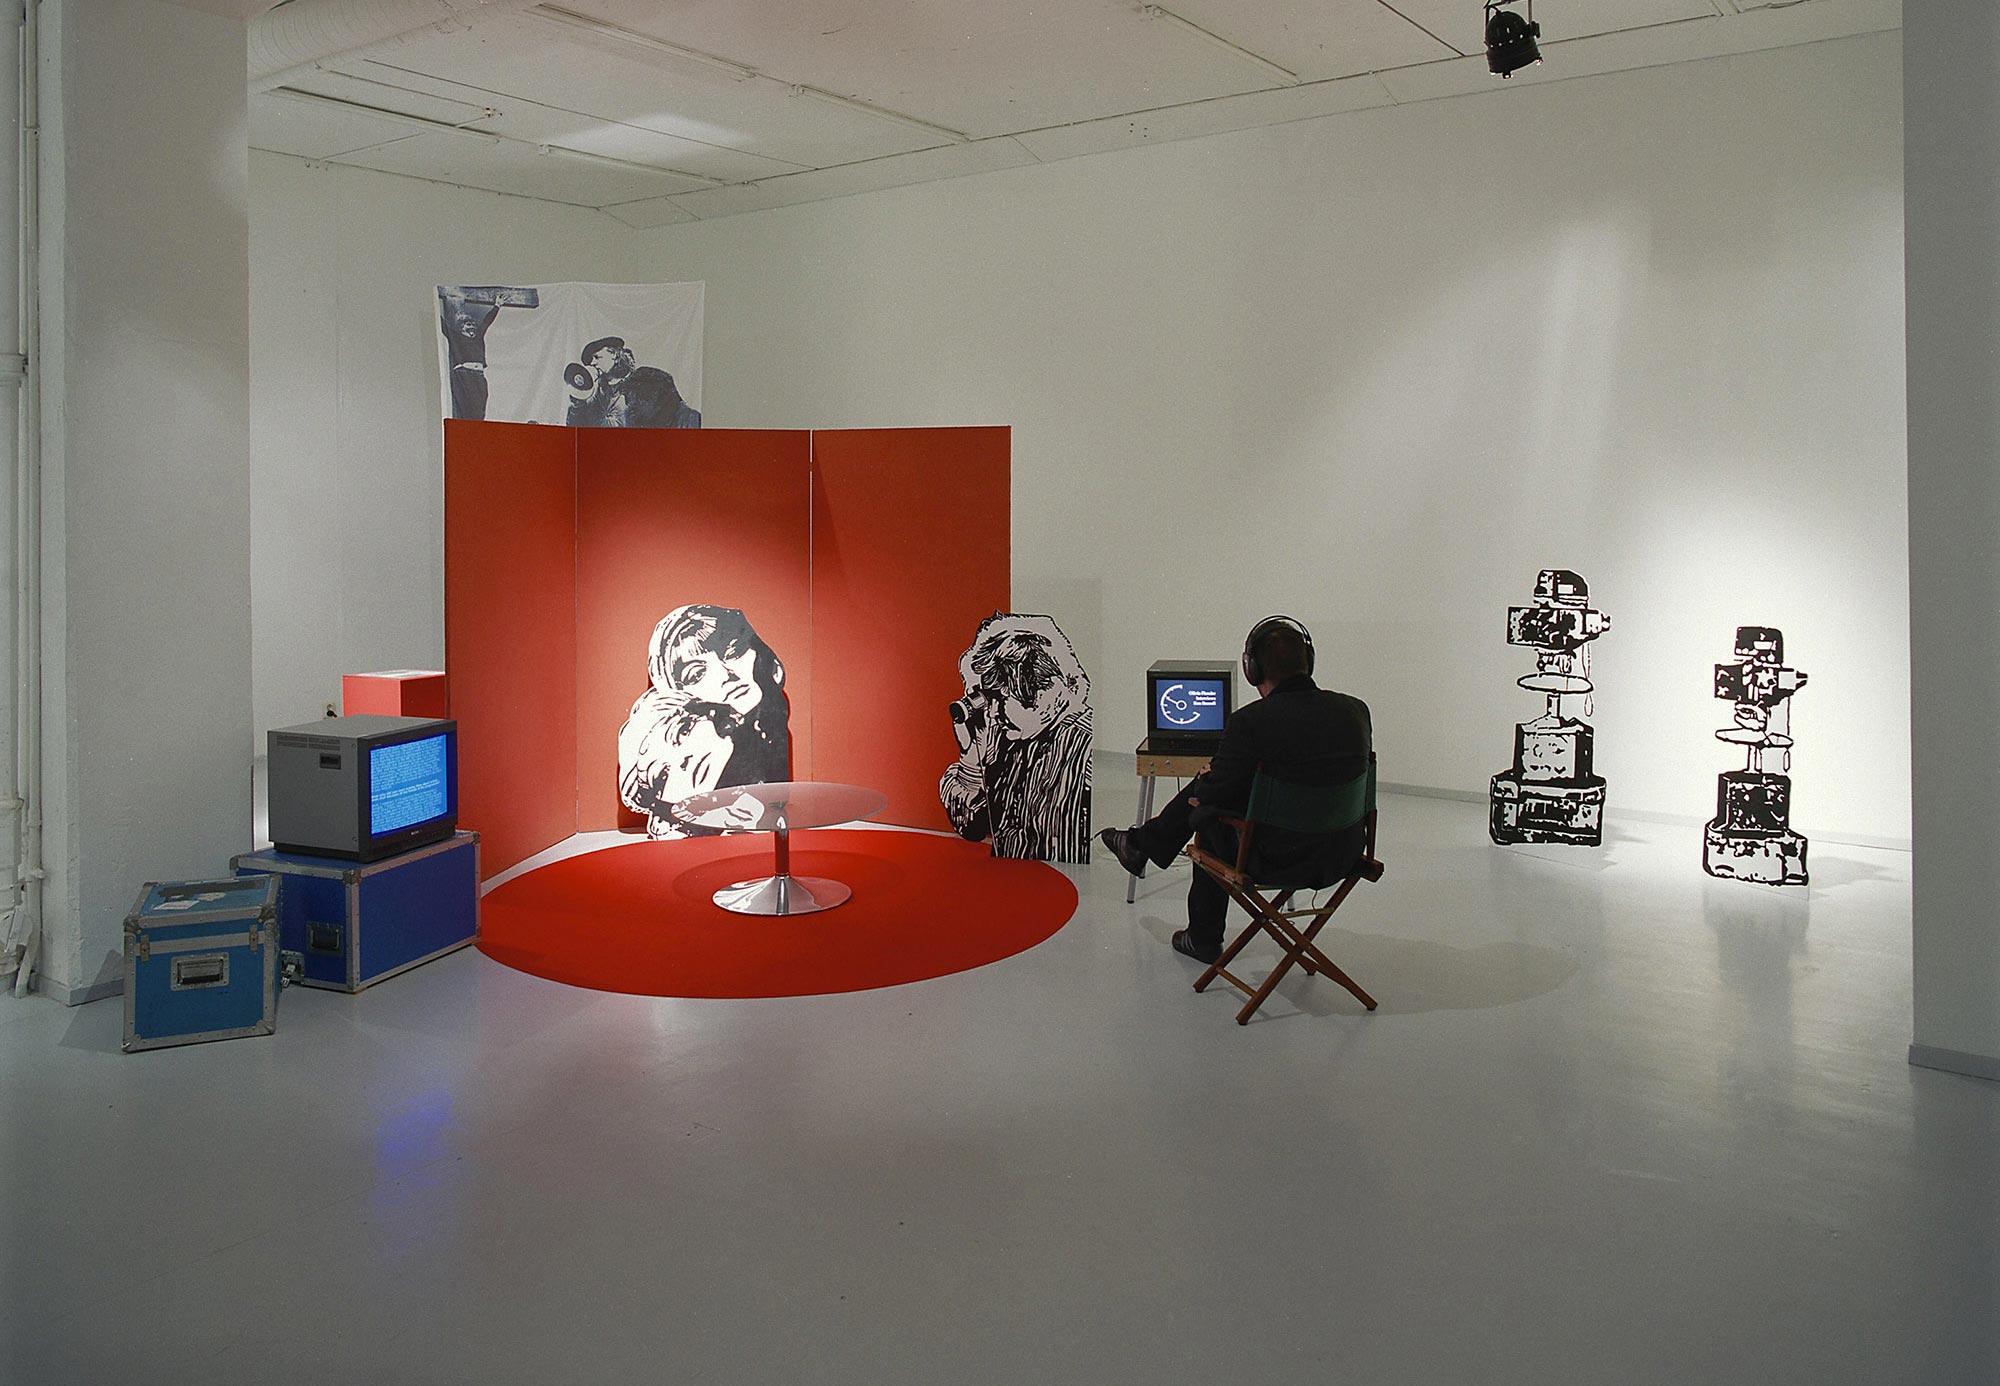 Olivia Plender, Ken Russell in Conversation with Olivia Plender, 2005